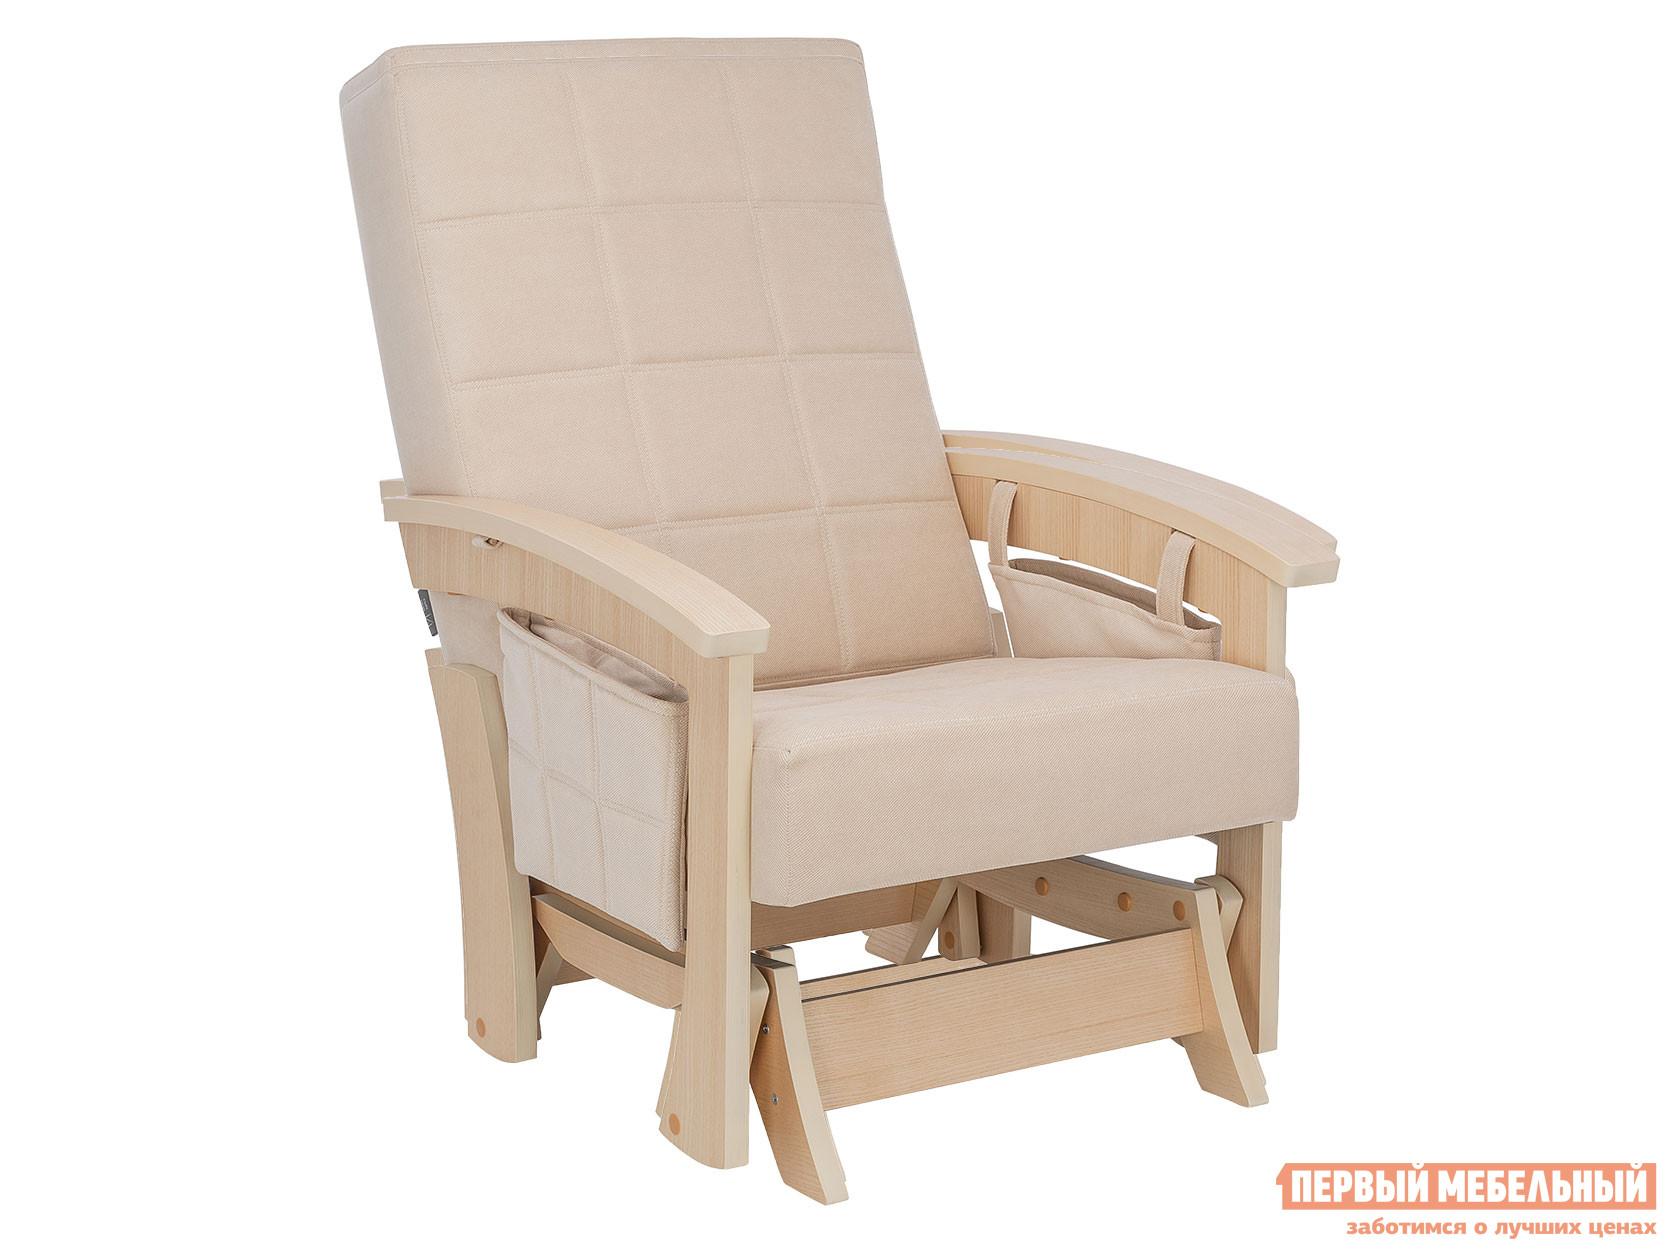 Кресло-качалка Мебель Импэкс Кресло-качалка глайдер Нордик кресло качалка мебель импэкс кресло качалка складное белтех